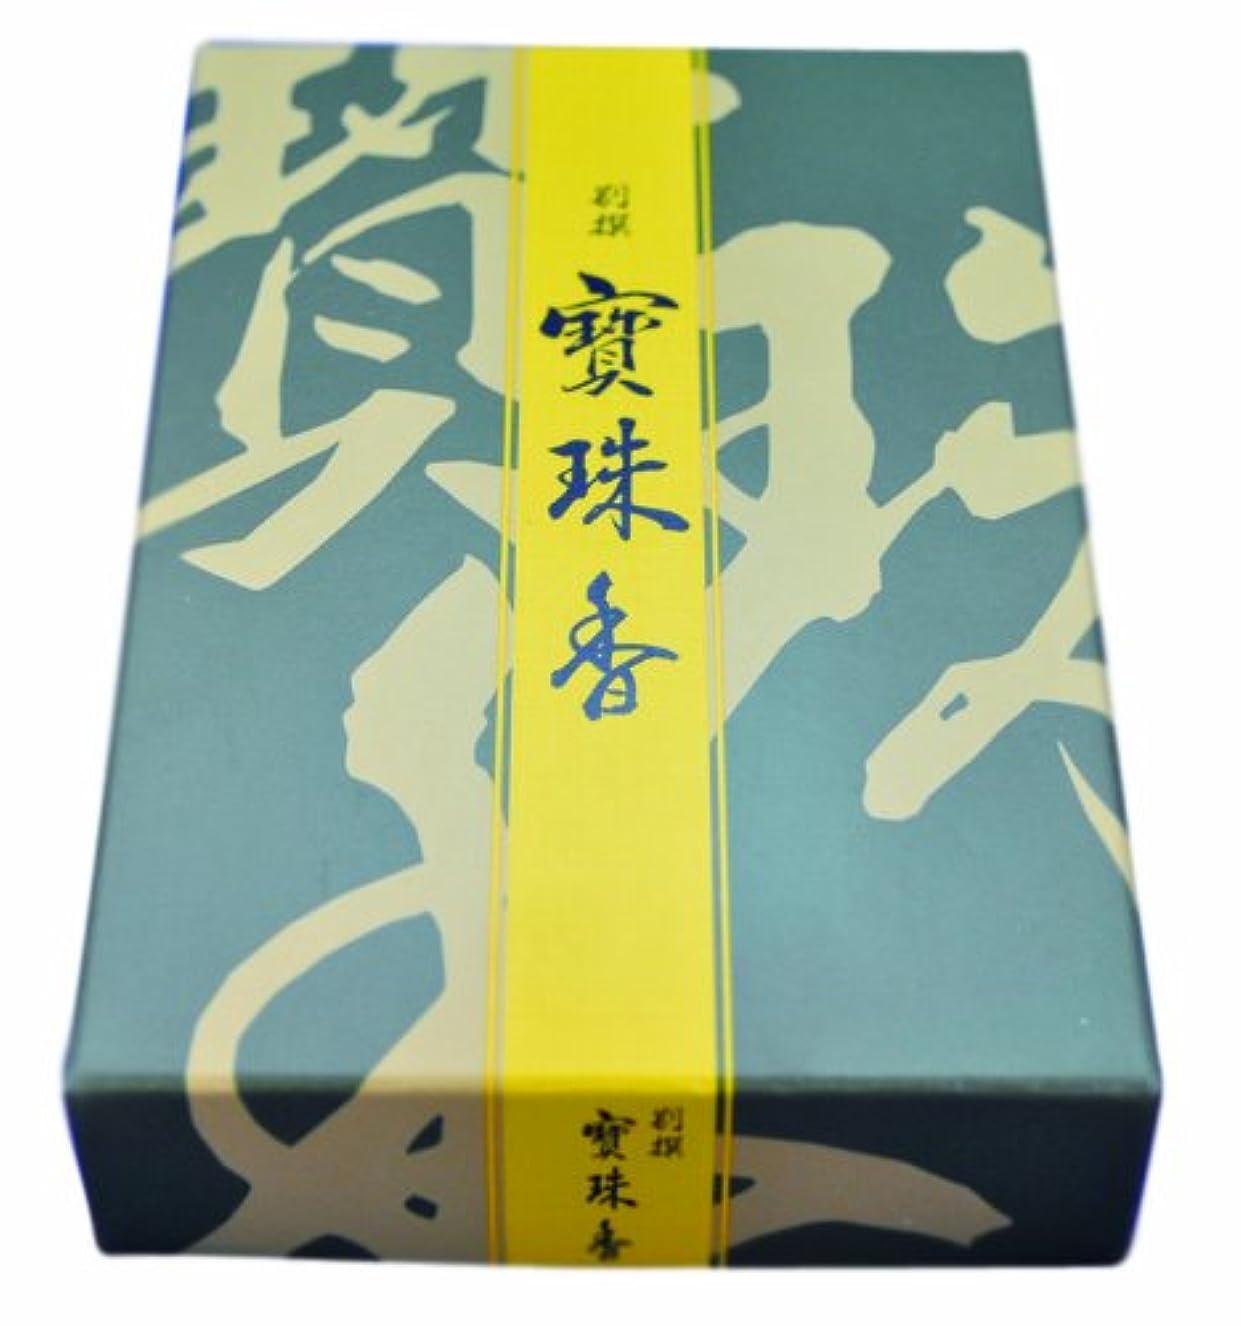 統治する仮称オリエントお線香 別撰寶珠香 短寸バラ詰 約95g 沈香の香り